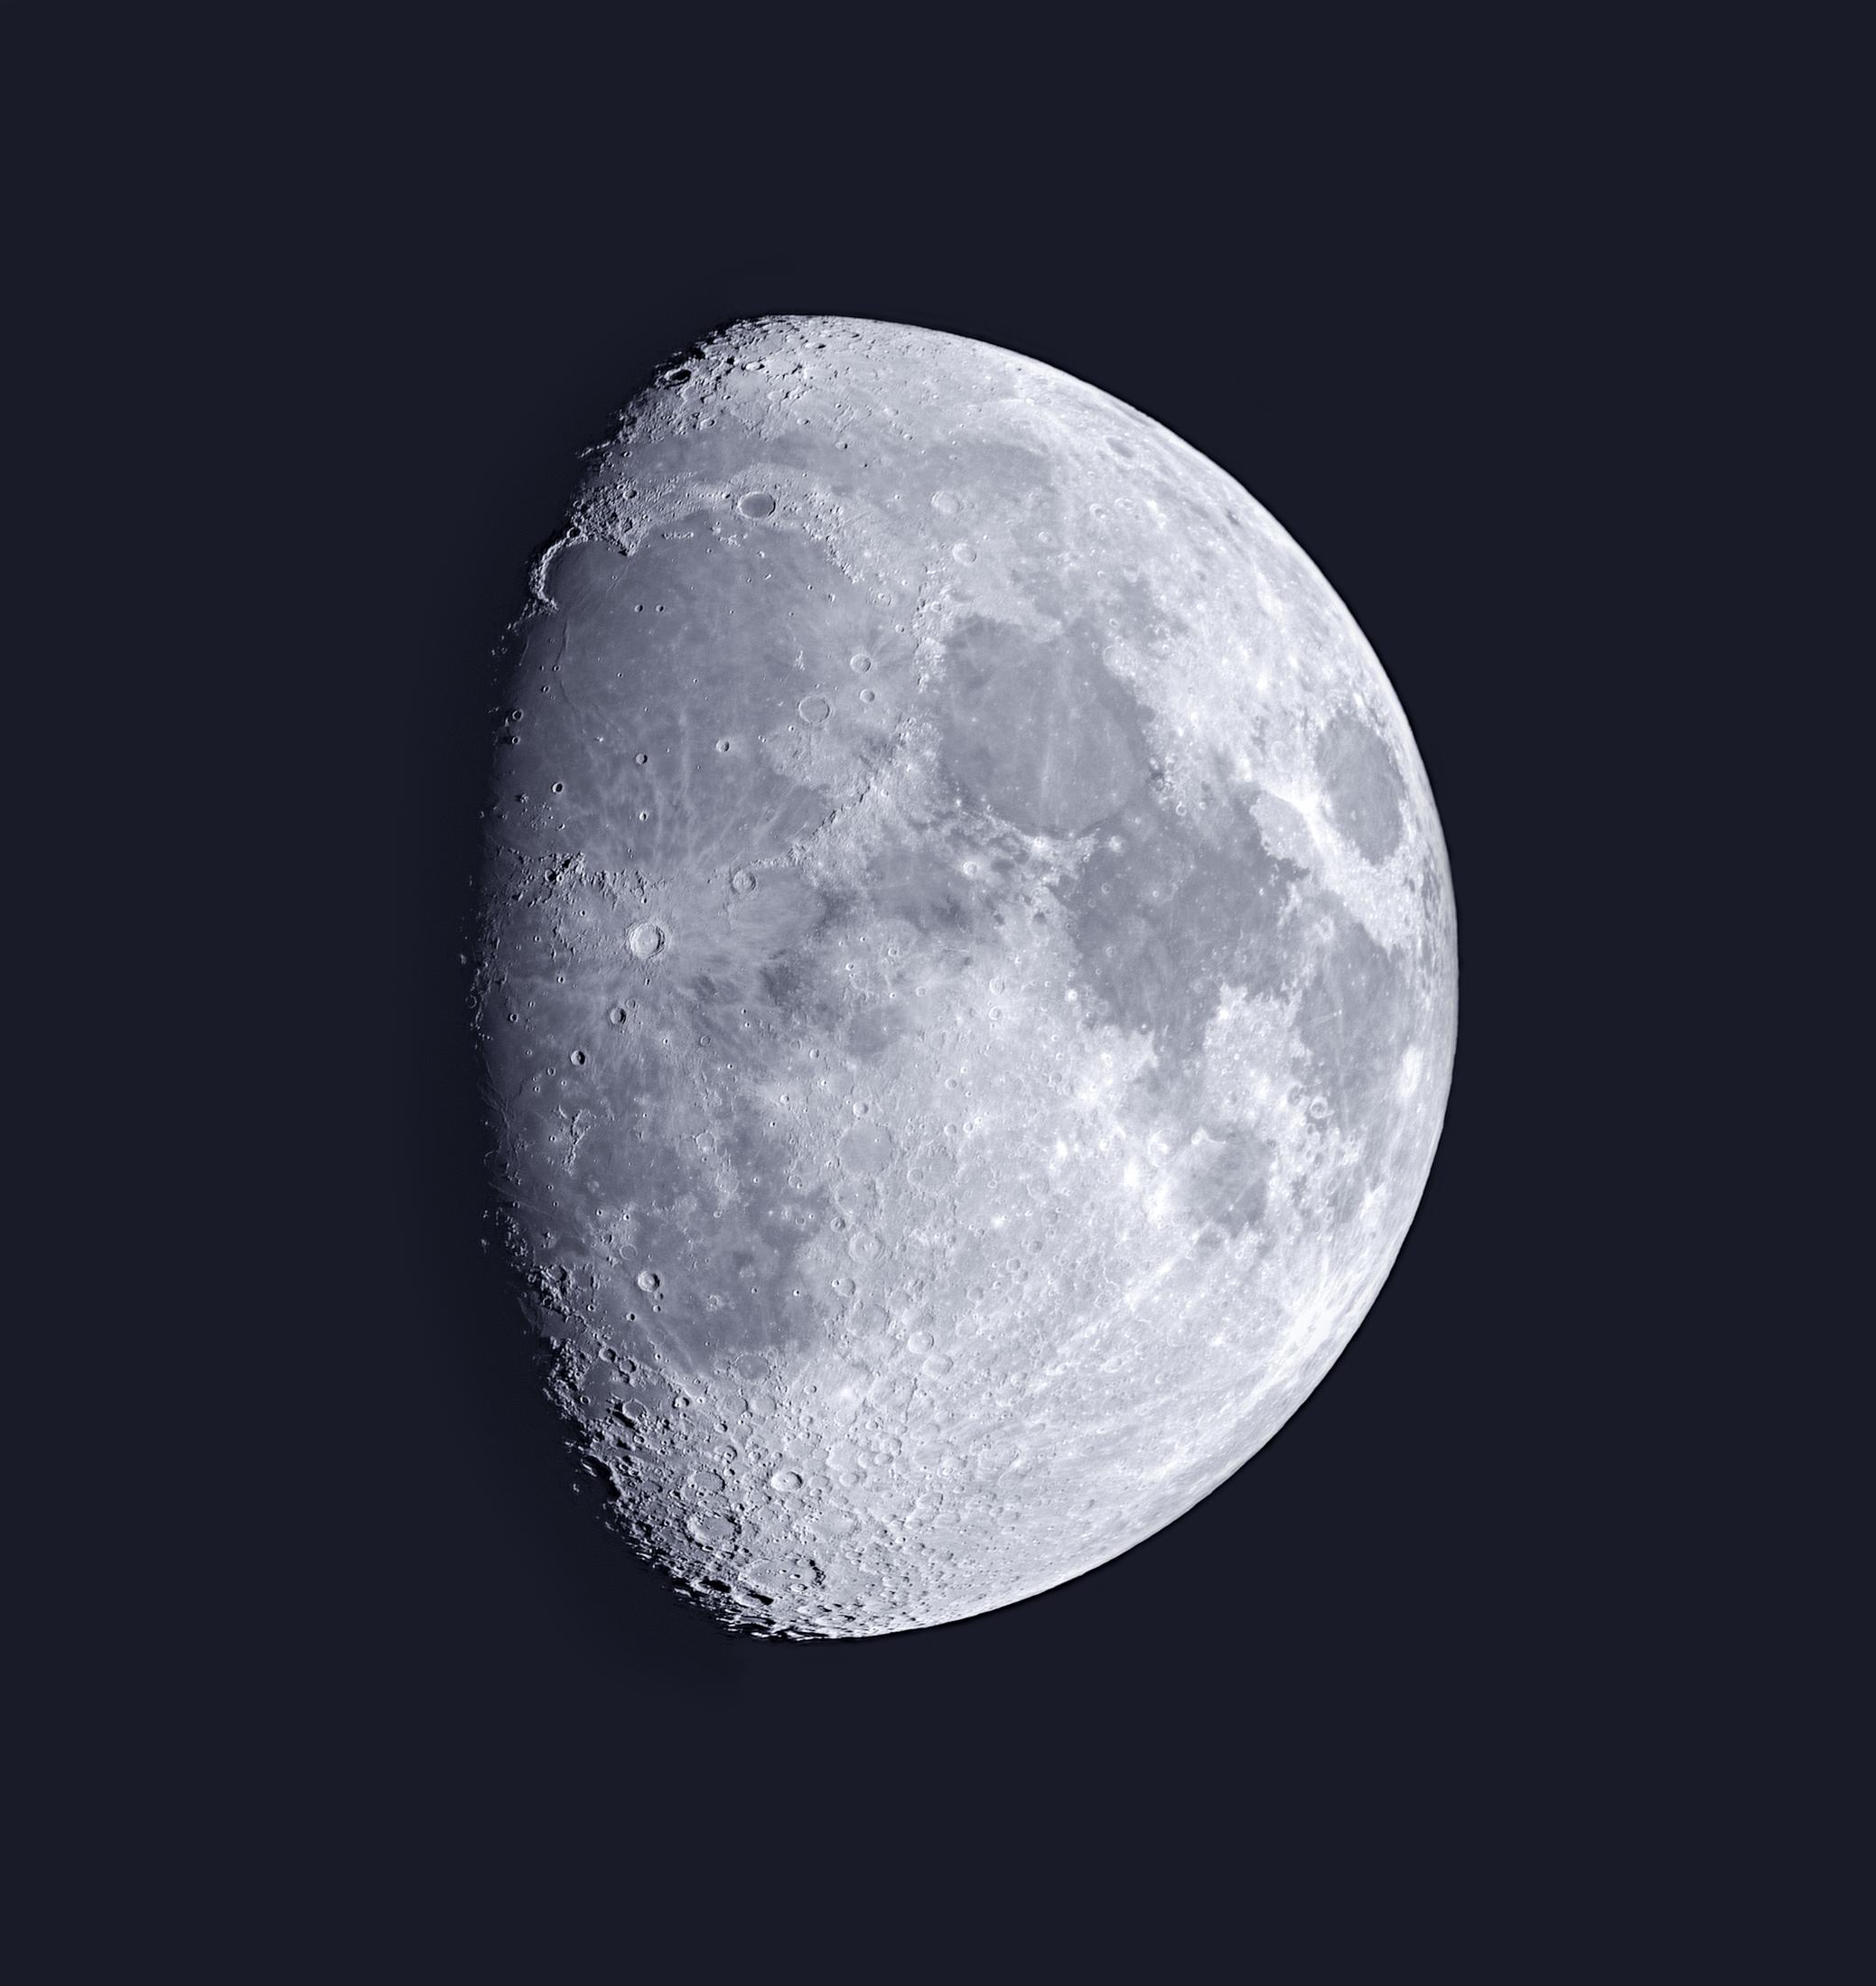 Lune28122017 Tamron 150-600 x2